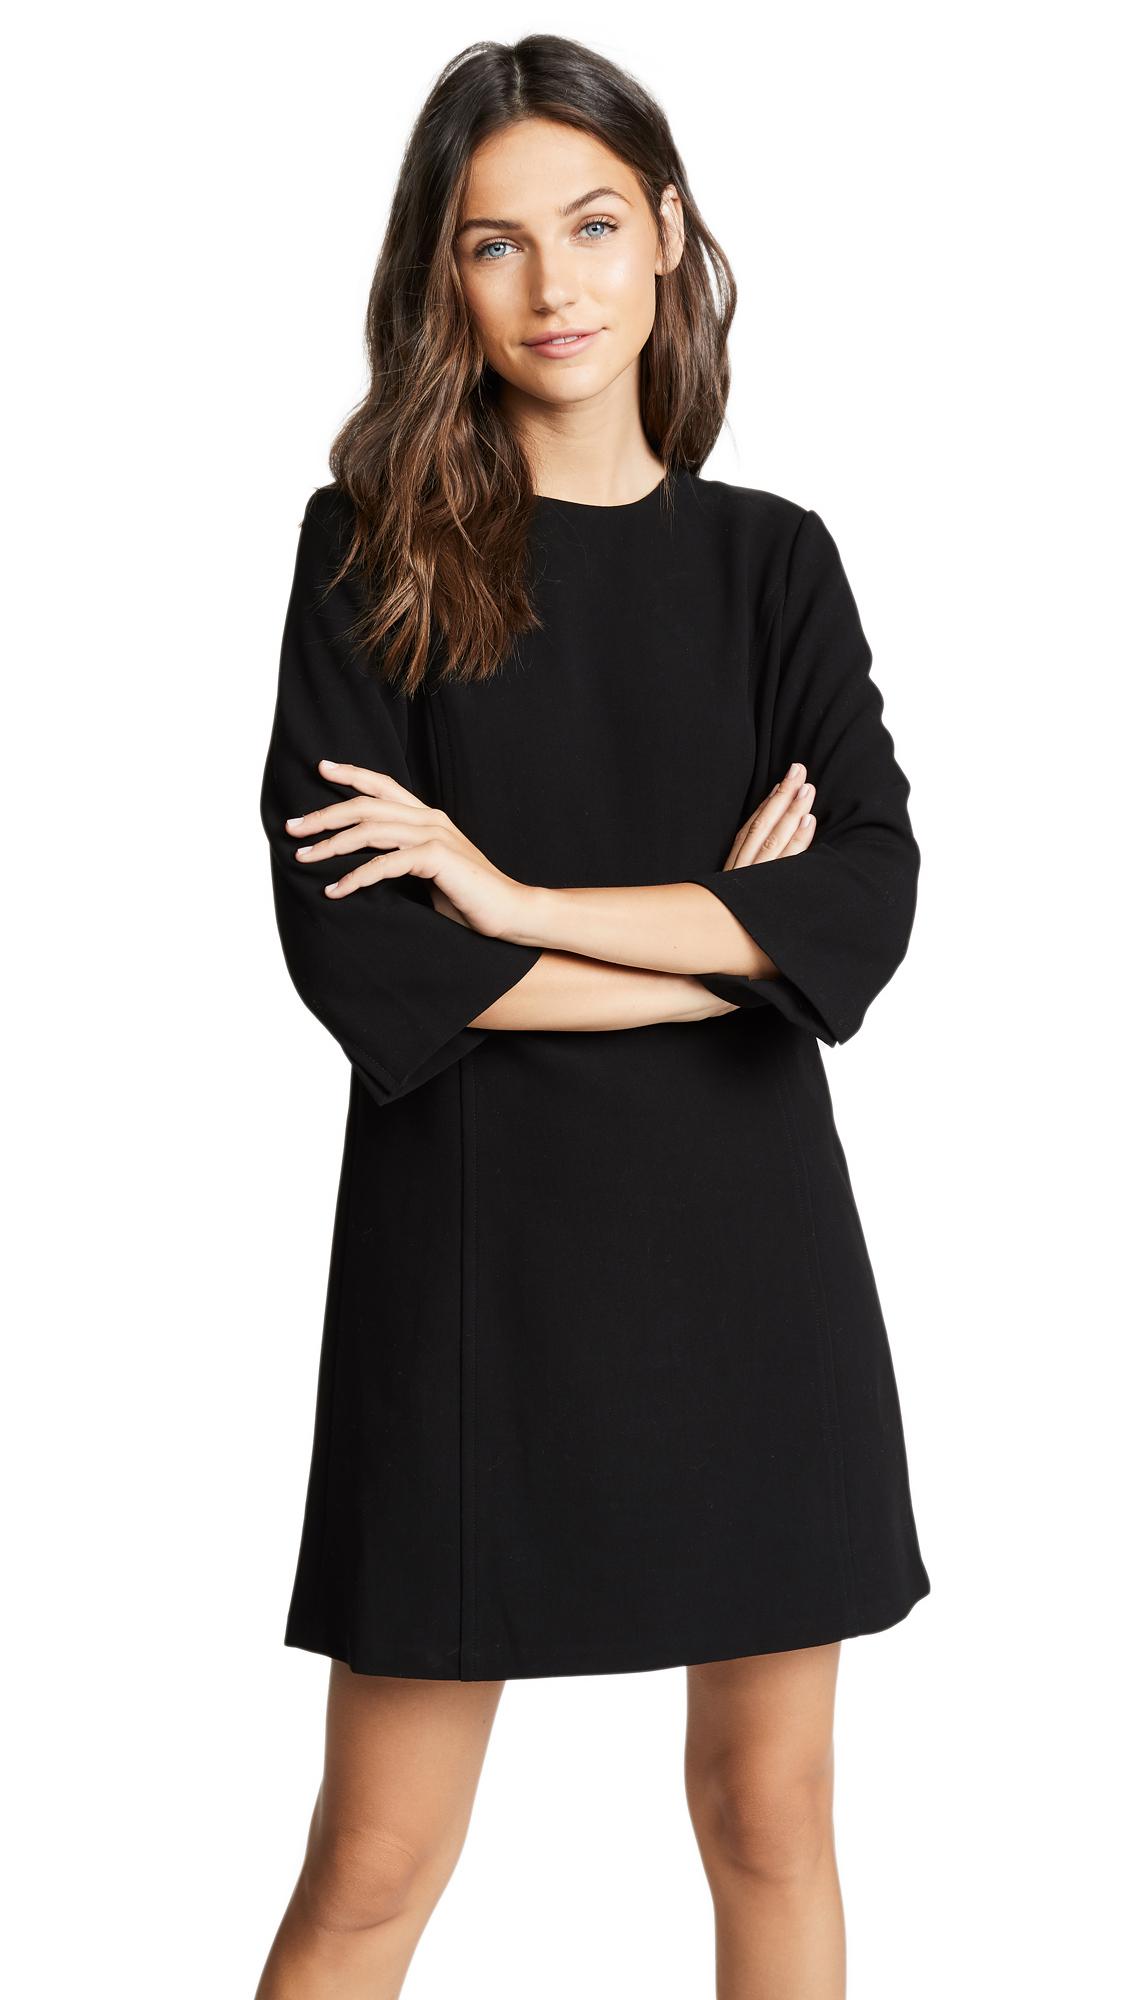 alice + olivia Gem 3/4 Sleeve Shift Dress In Black